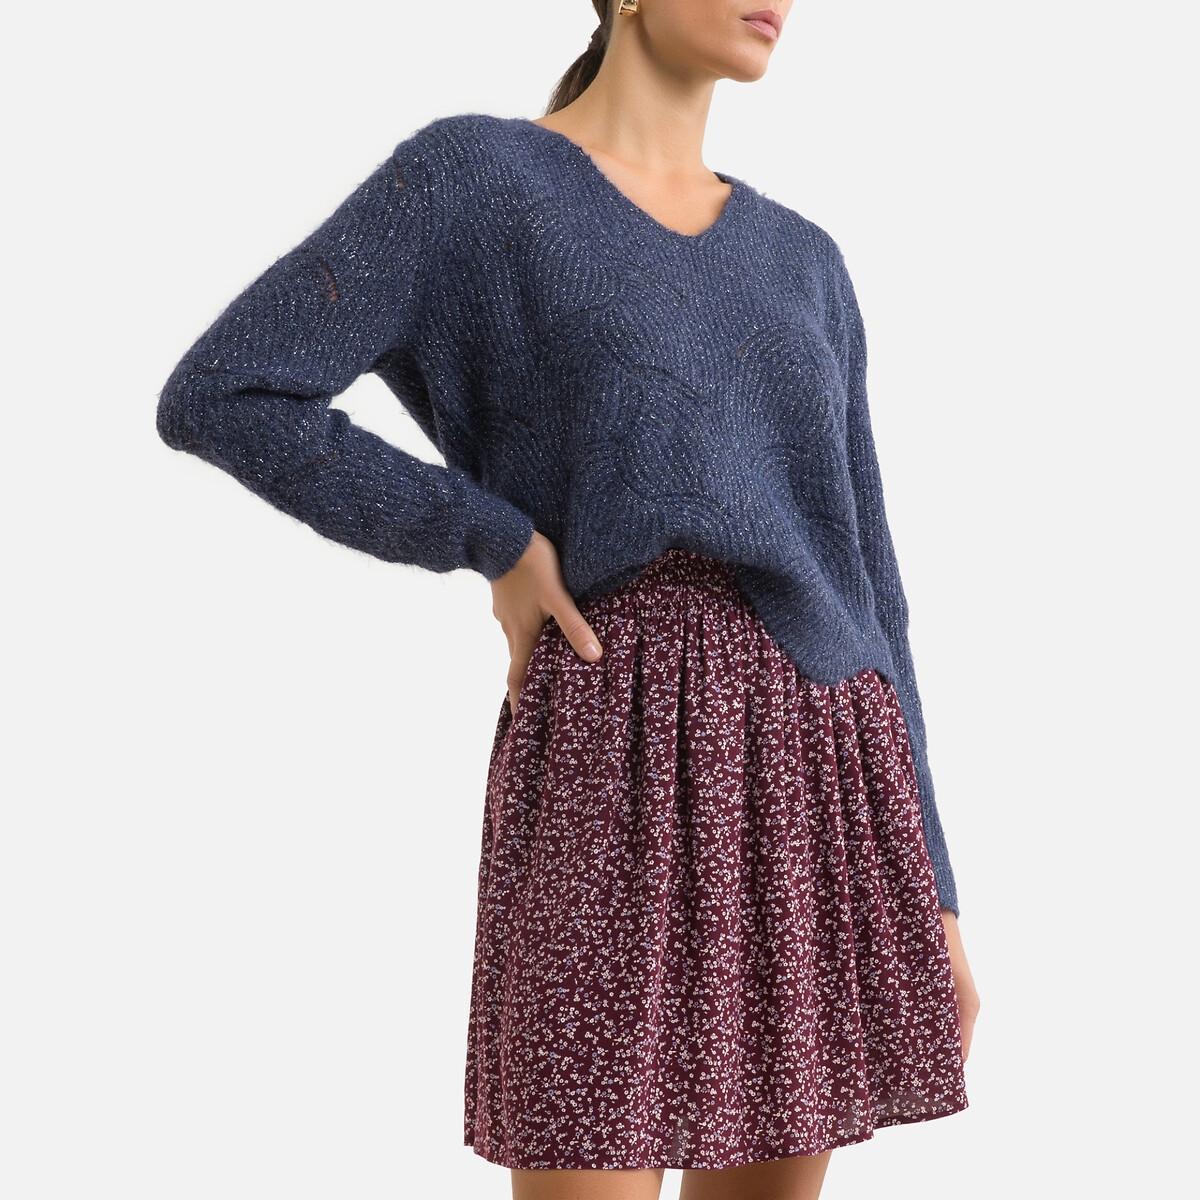 Фото - Пуловер LaRedoute Из ажурного трикотажа V-образный вырез L синий пуловер laredoute с воротником стойкой из ажурного трикотажа пуантель m каштановый